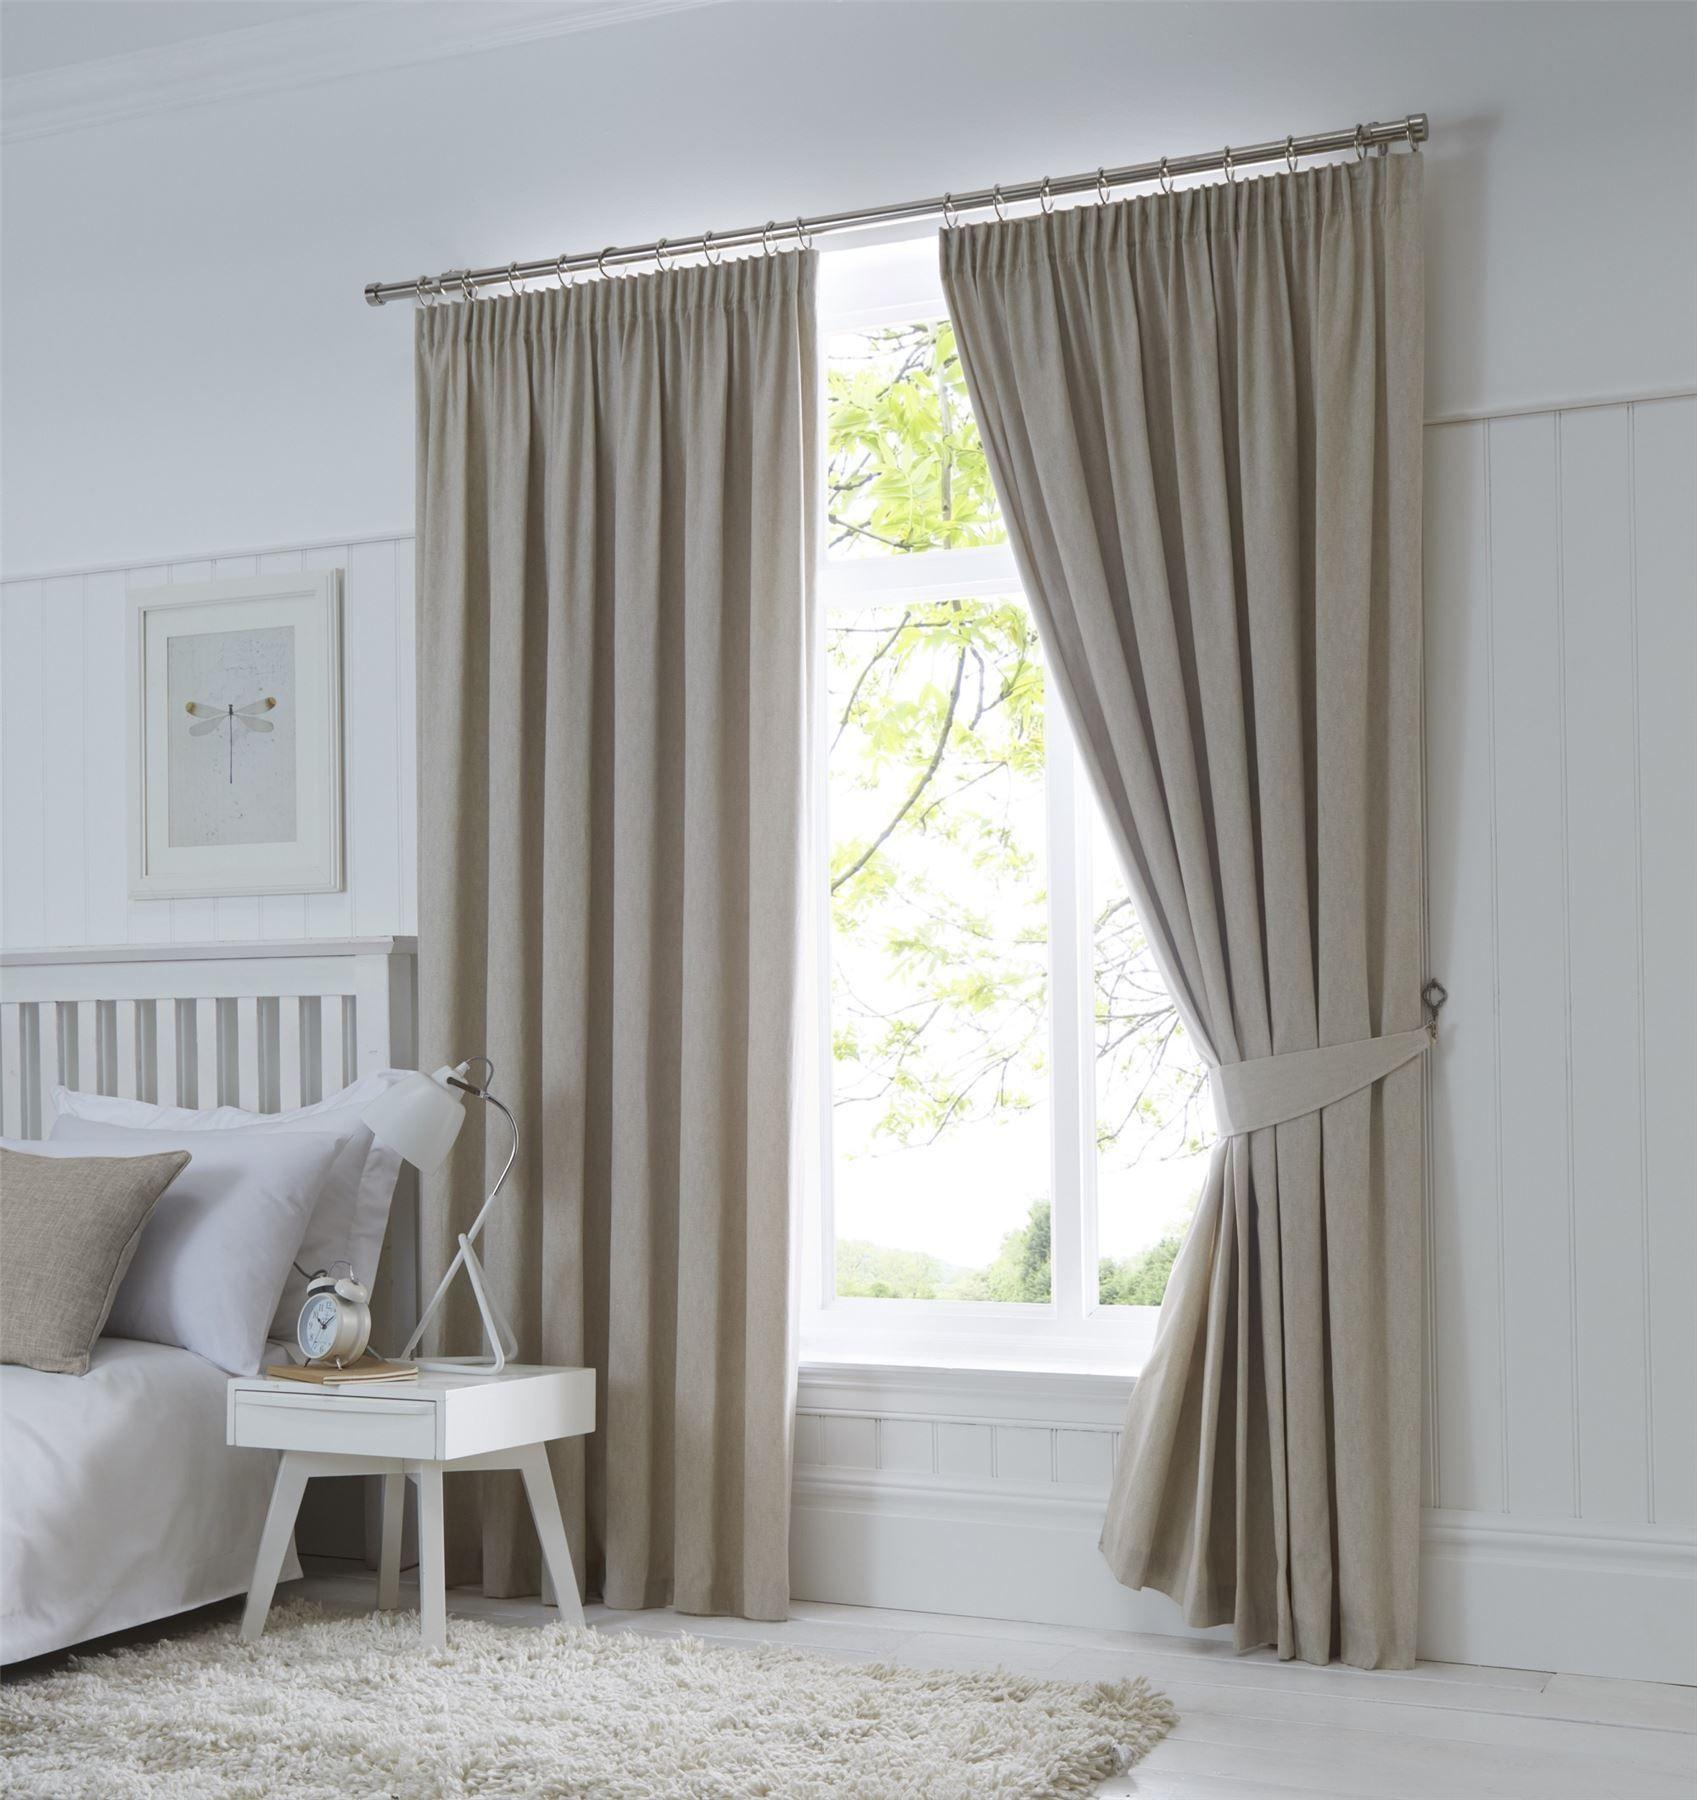 trennvorhang zimmer, 15 sammlung von bleistift falte vorhänge   vorhang   pinterest, Design ideen